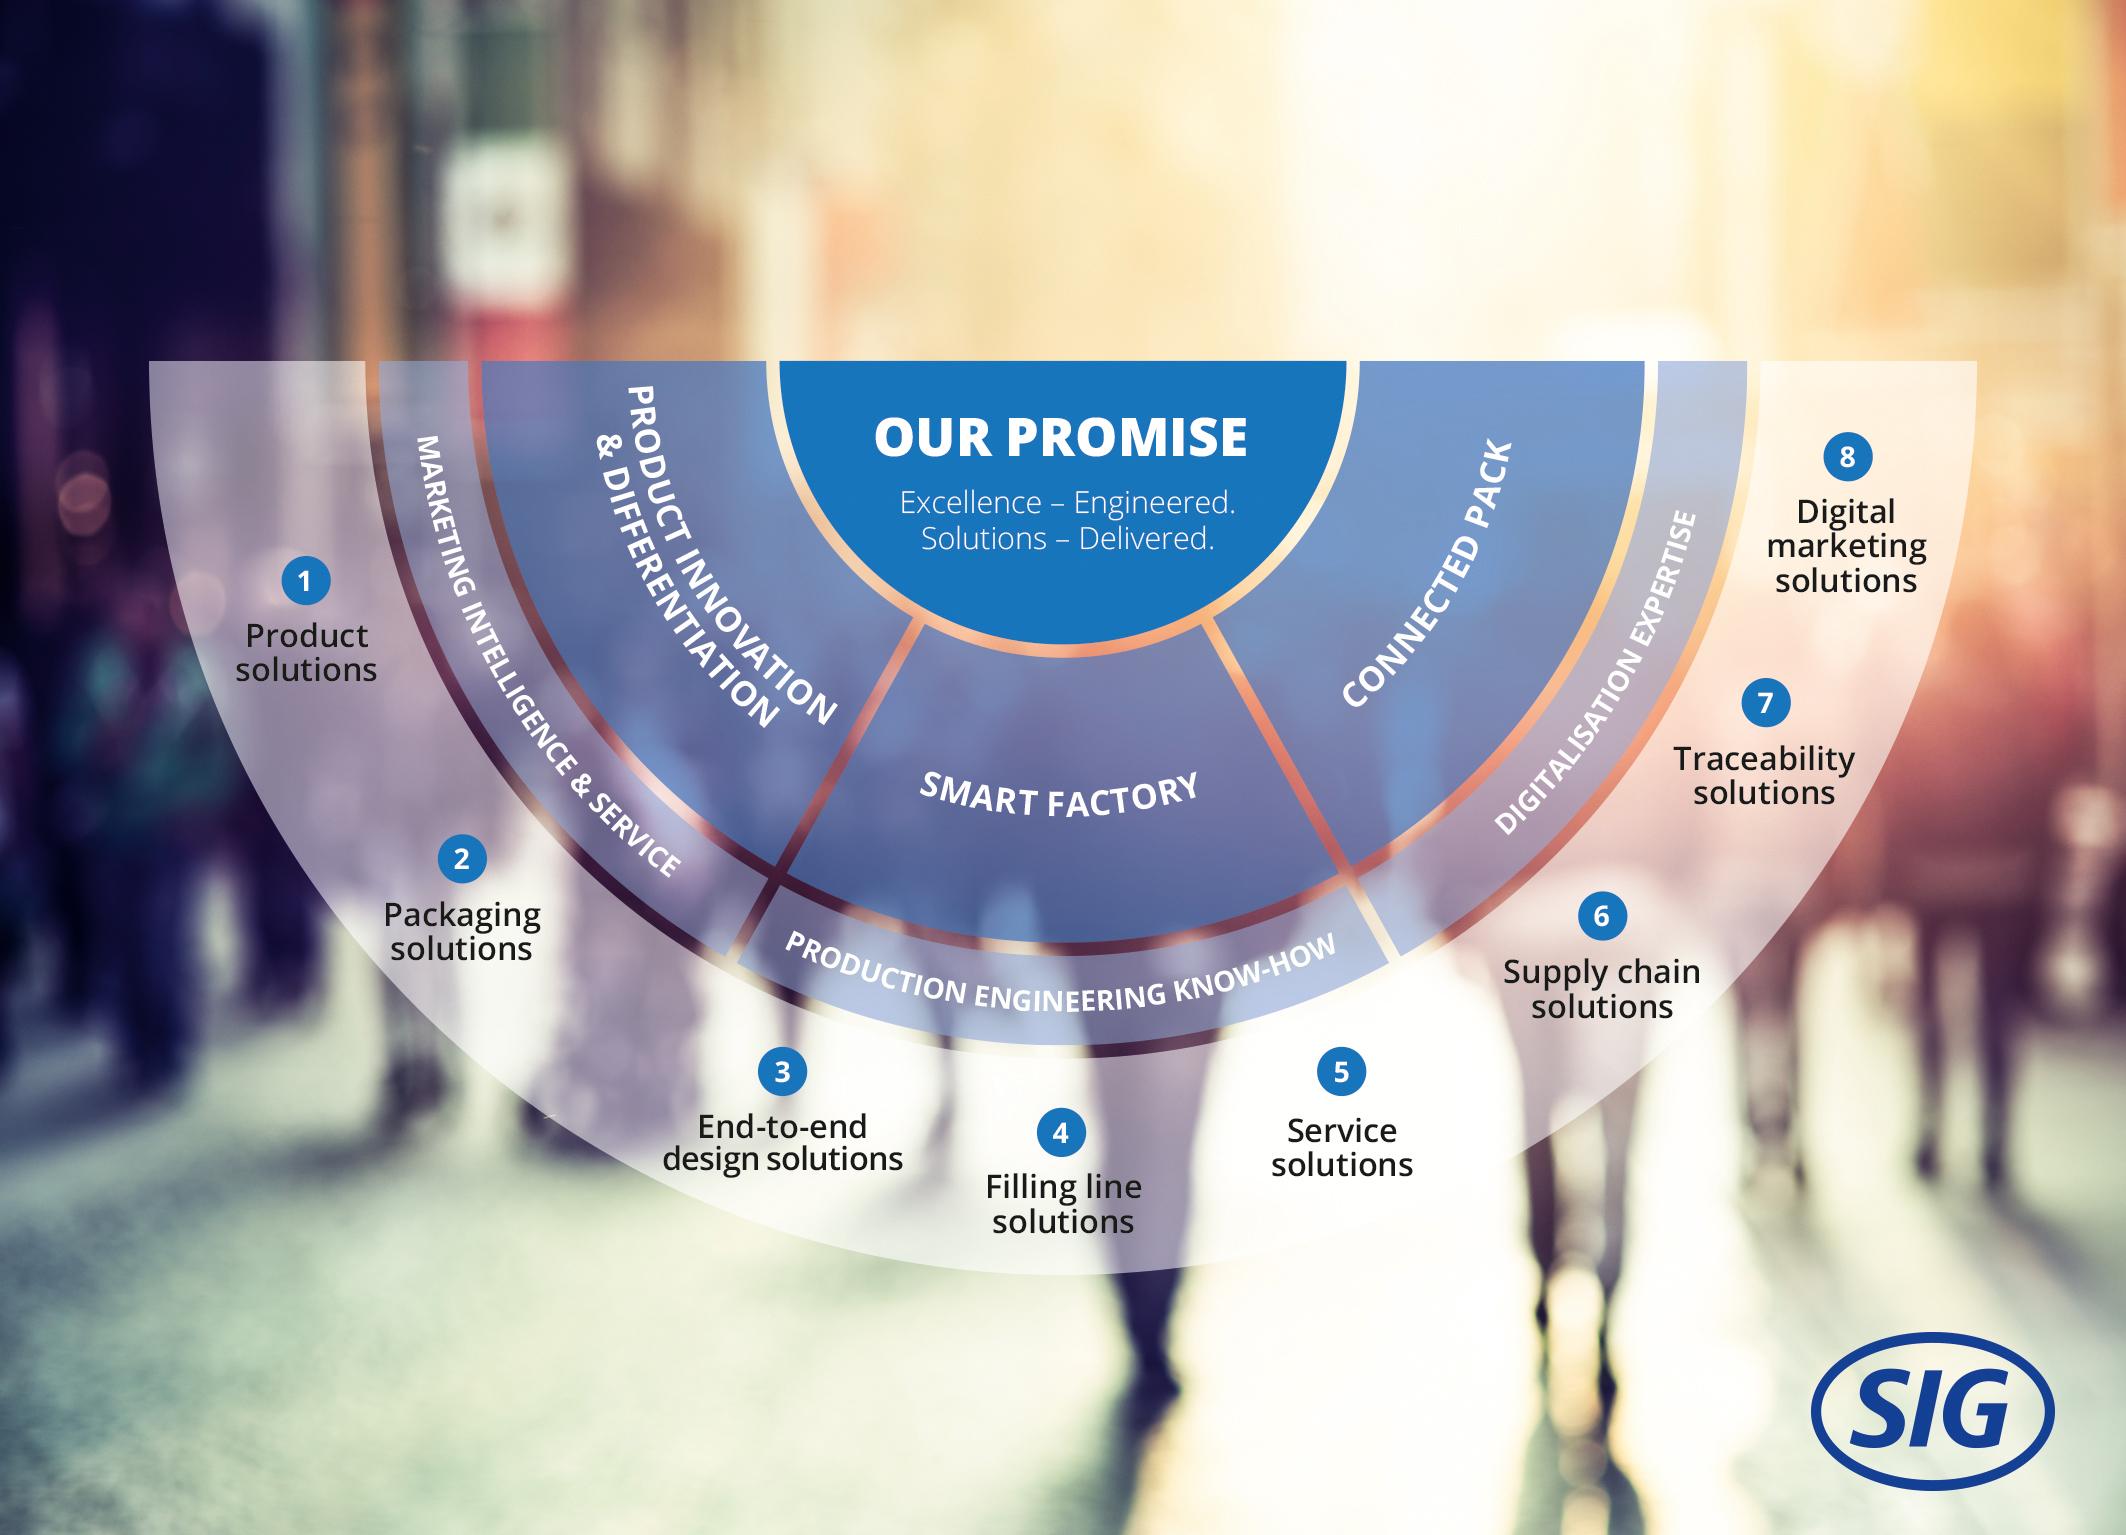 SIG zeigt drei neue Bereiche auf, um Mehrwert für Lebensmittel- und Getränkehersteller zu schaffen